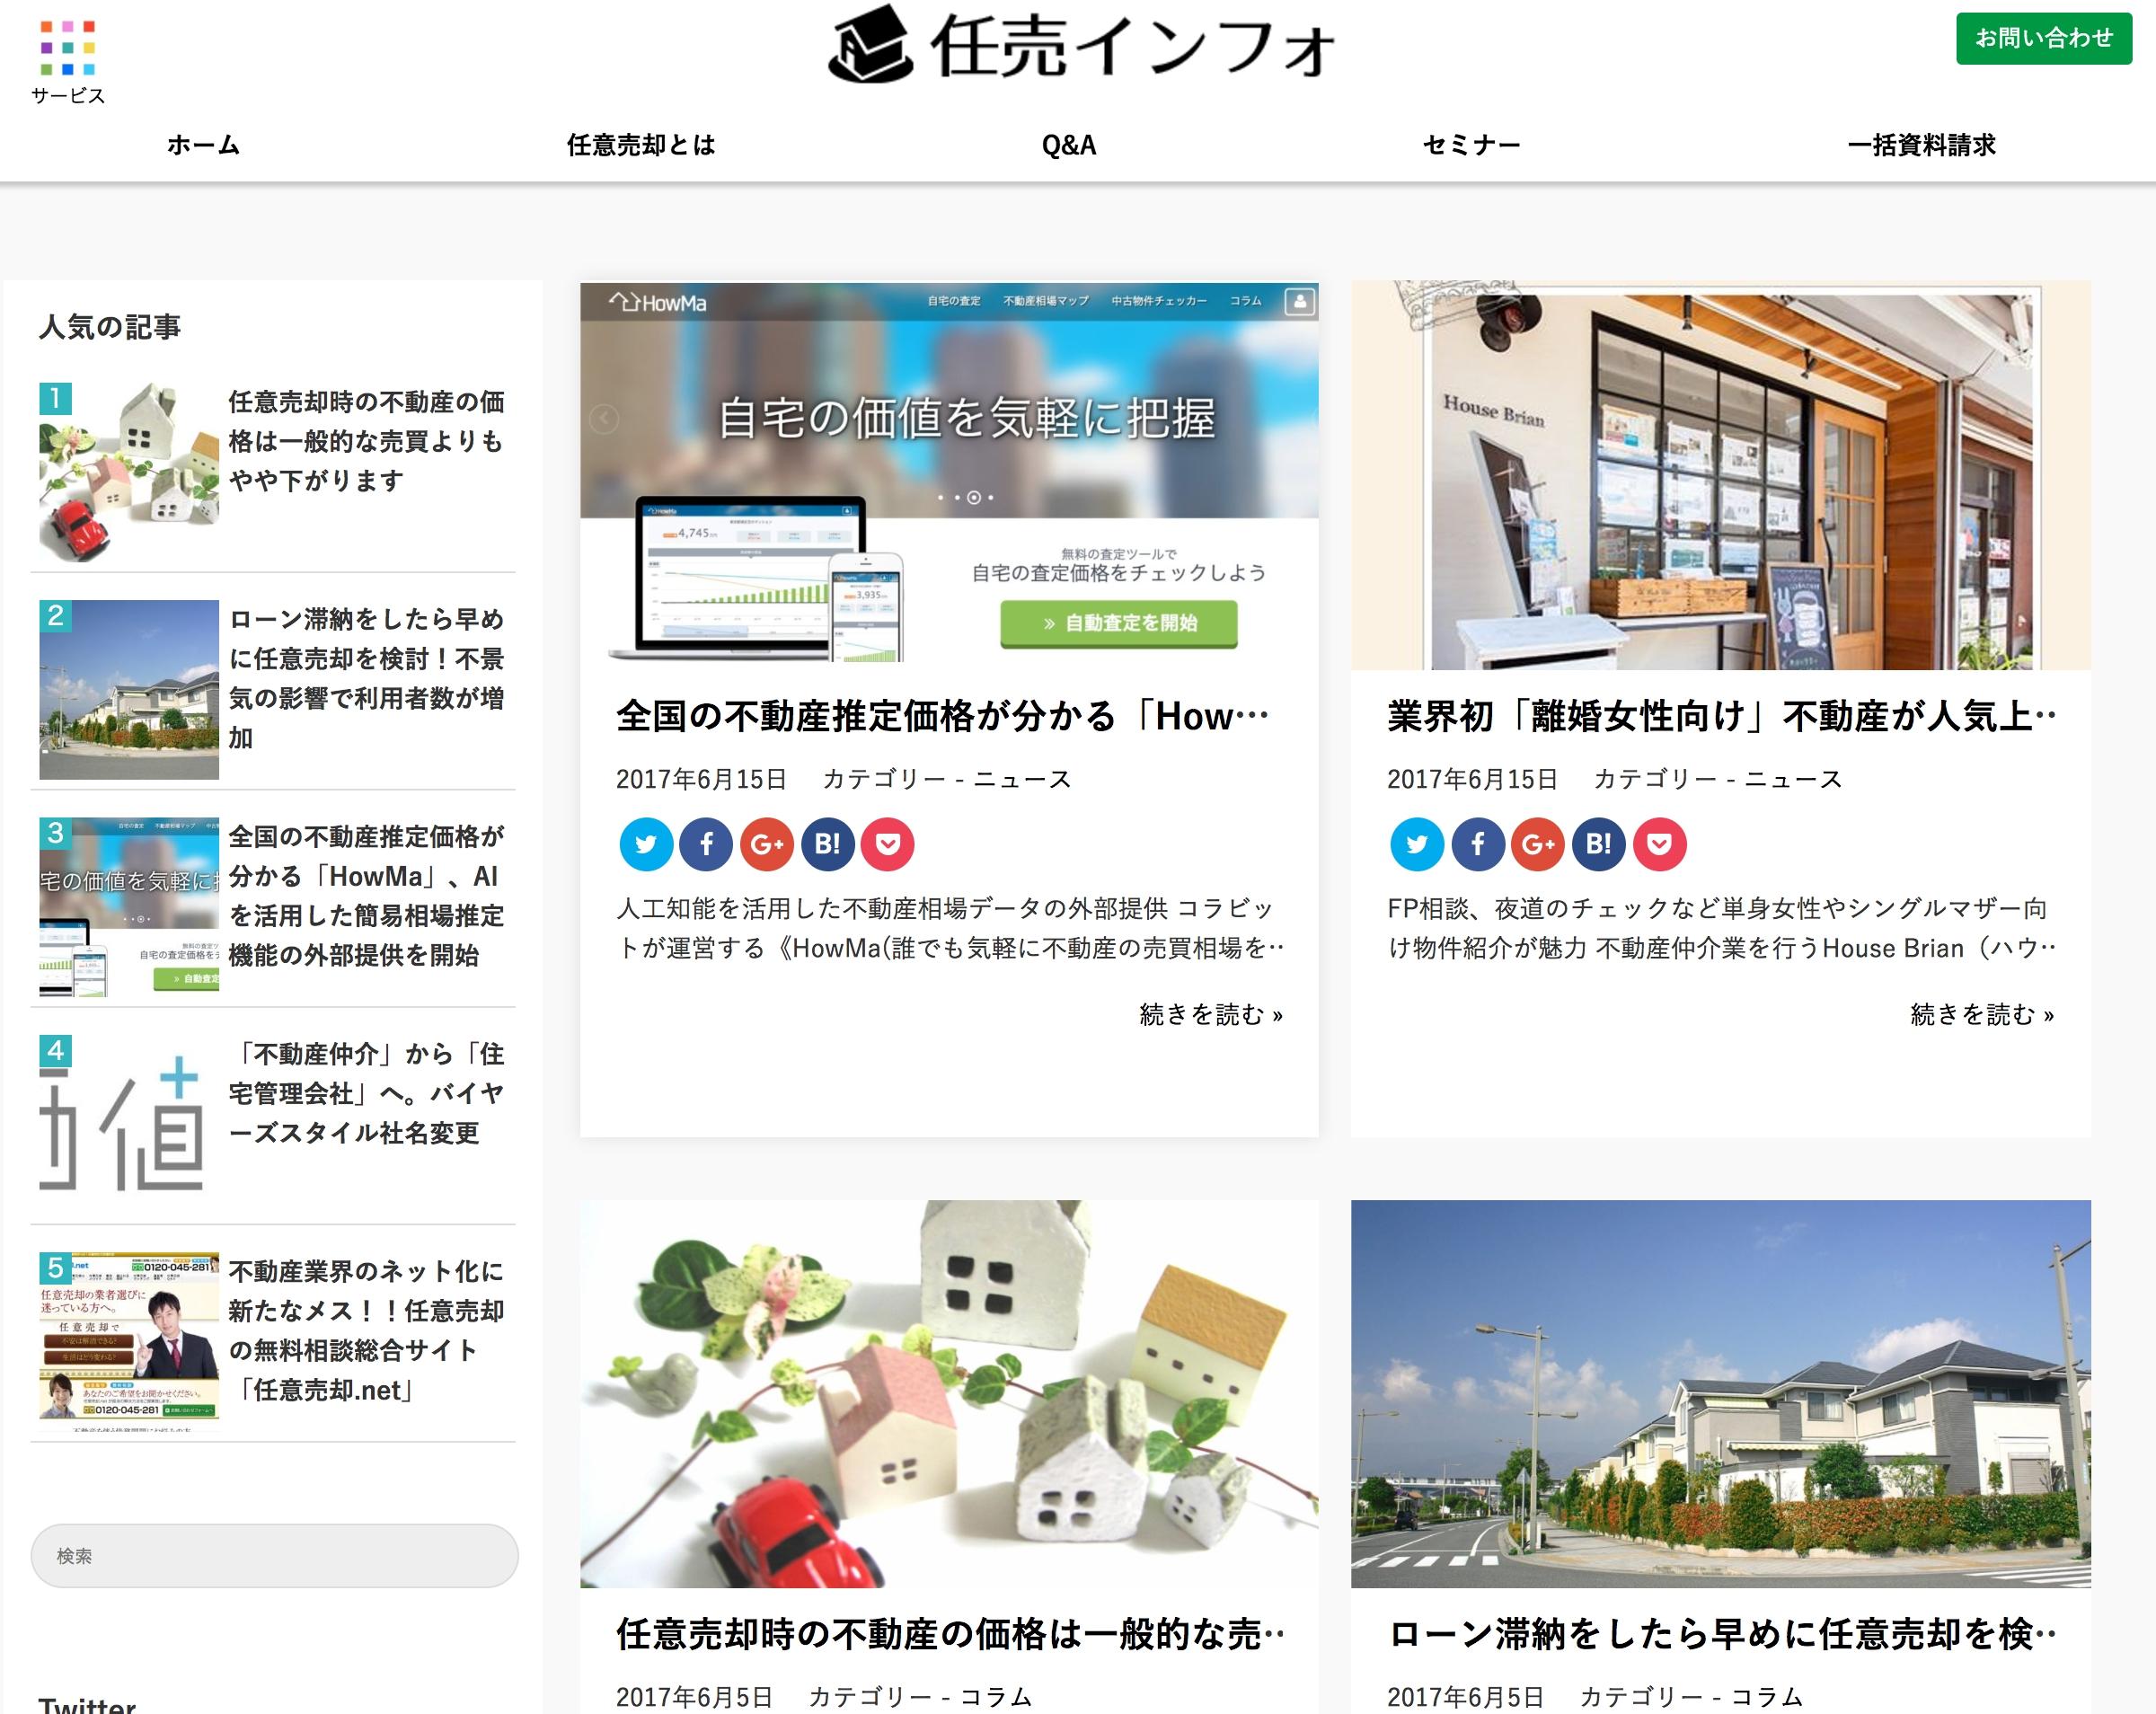 『任売インフォ』の画面